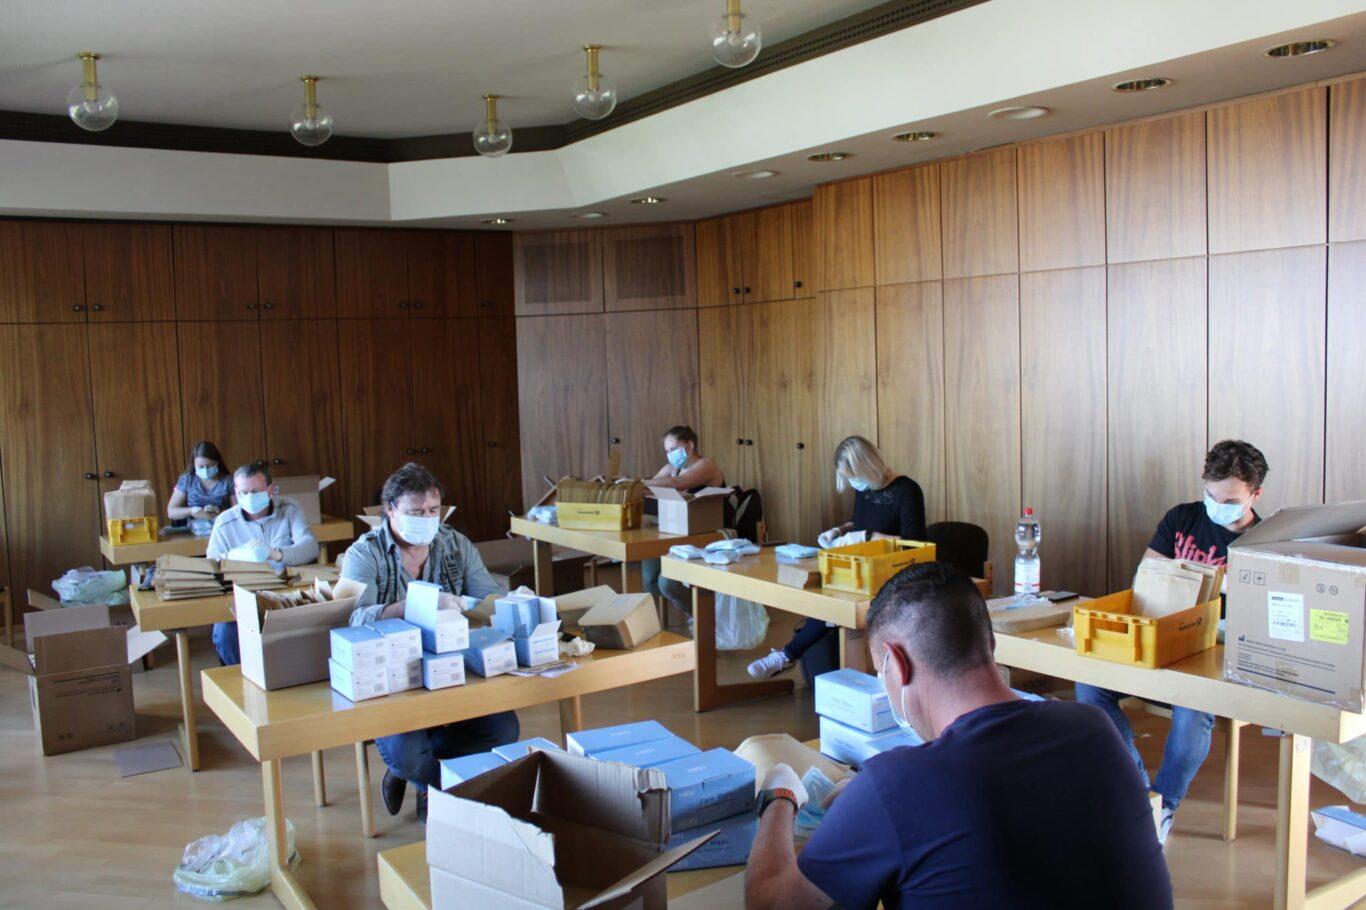 Masken verpacken in Homburg